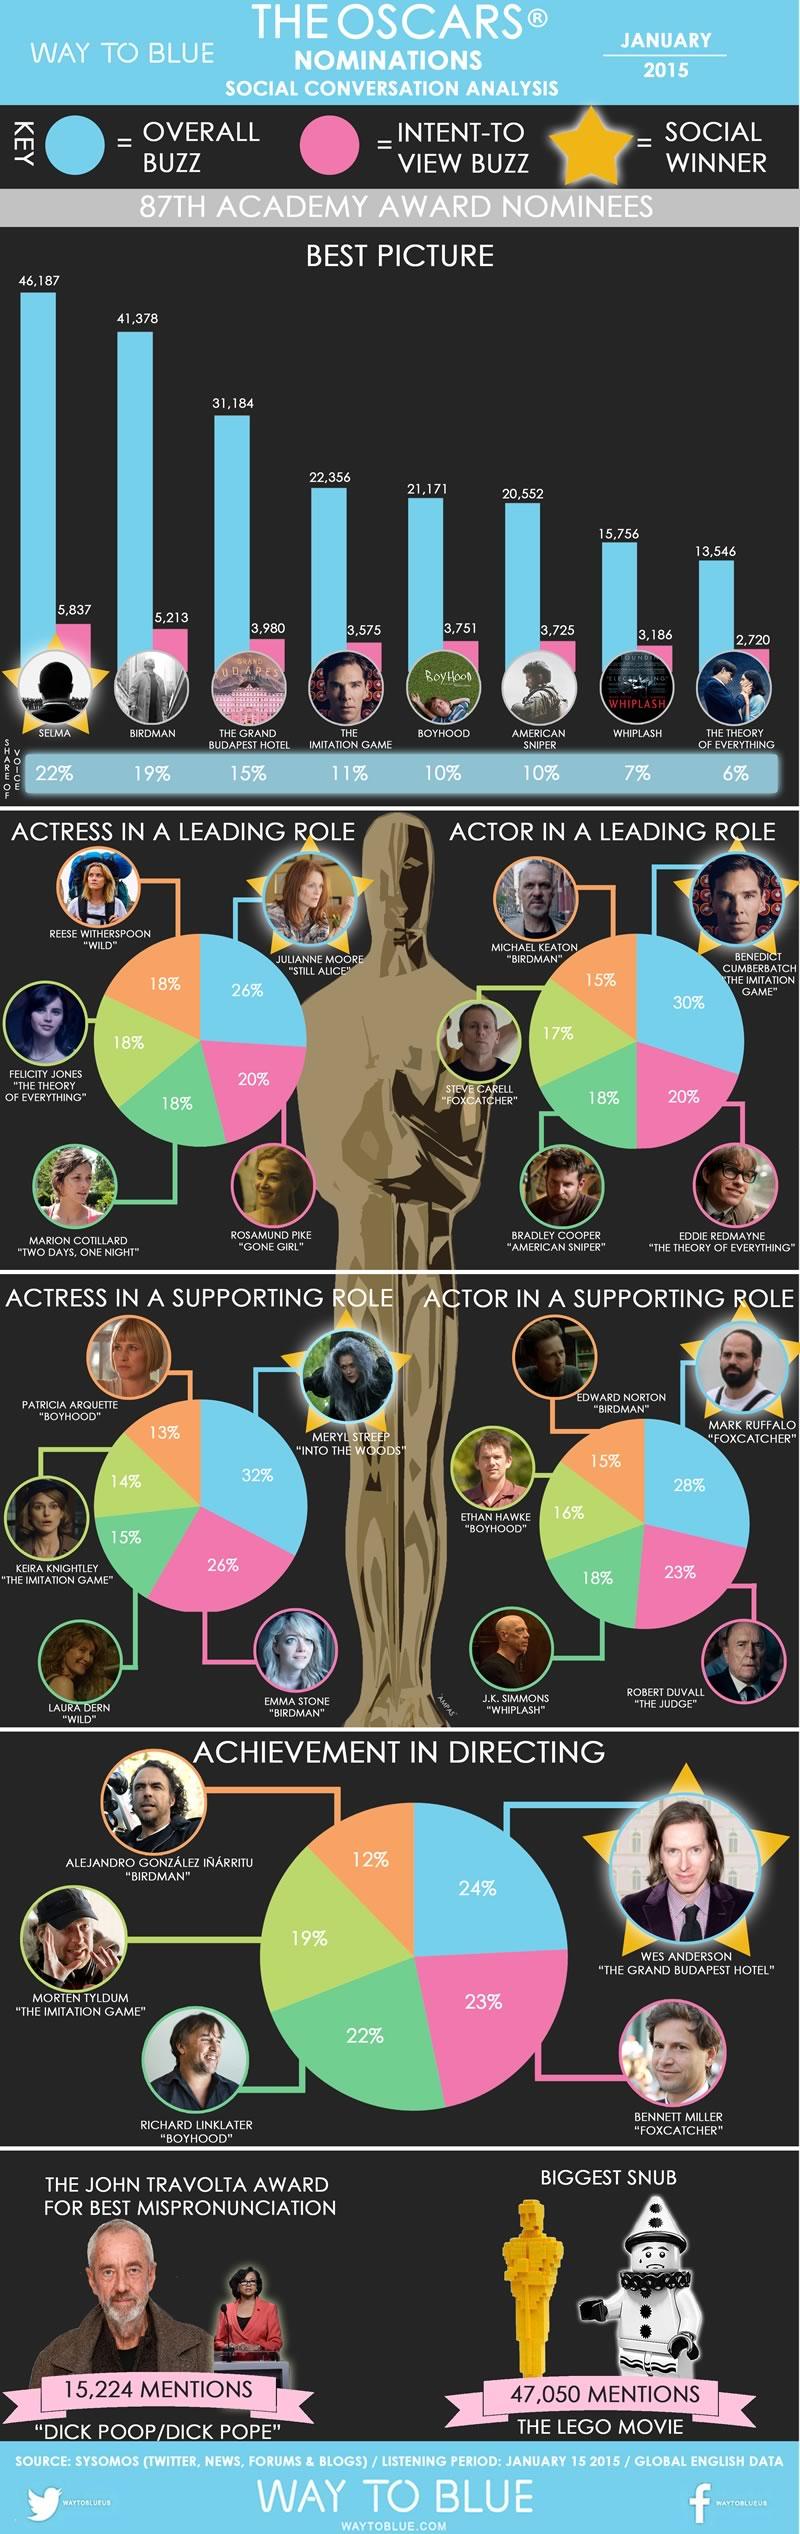 Los ganadores del Oscar 2015 según Twitter - Ganadores-de-los-premios-Oscar-2015-segun-Twitter